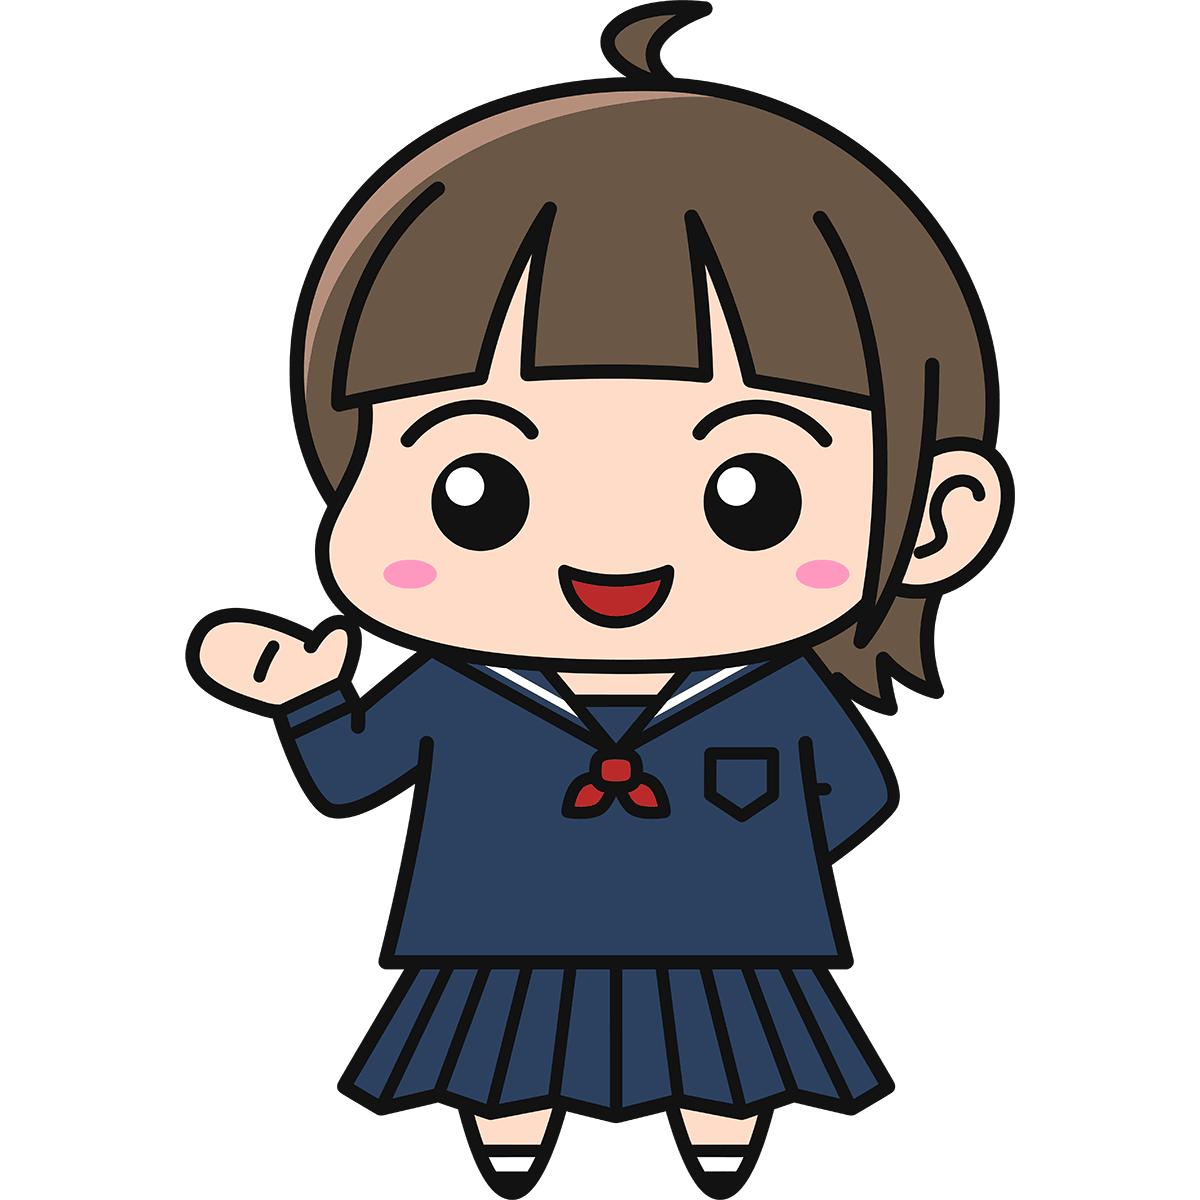 女子高生(案内/冬服)の無料イラスト